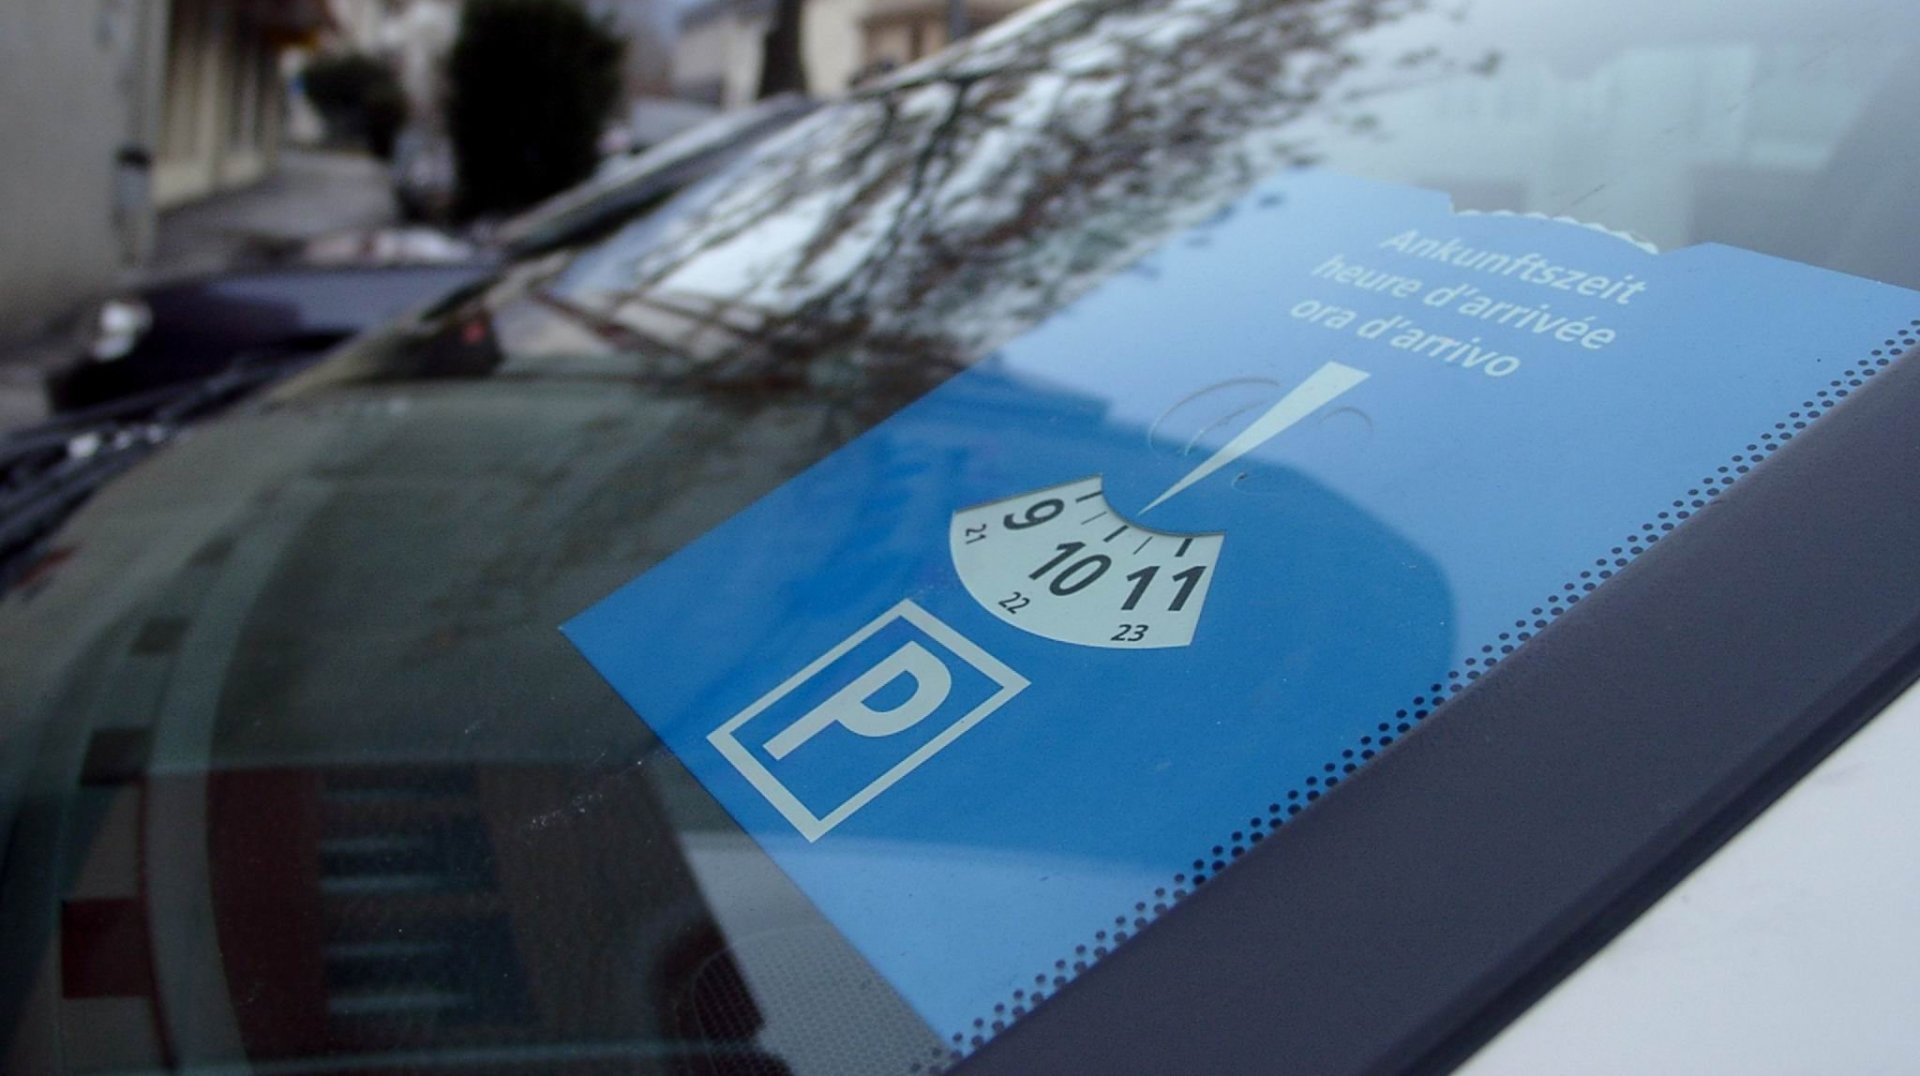 Les automobilistes pourront occuper les places bleues librement pendant quatre semaines.